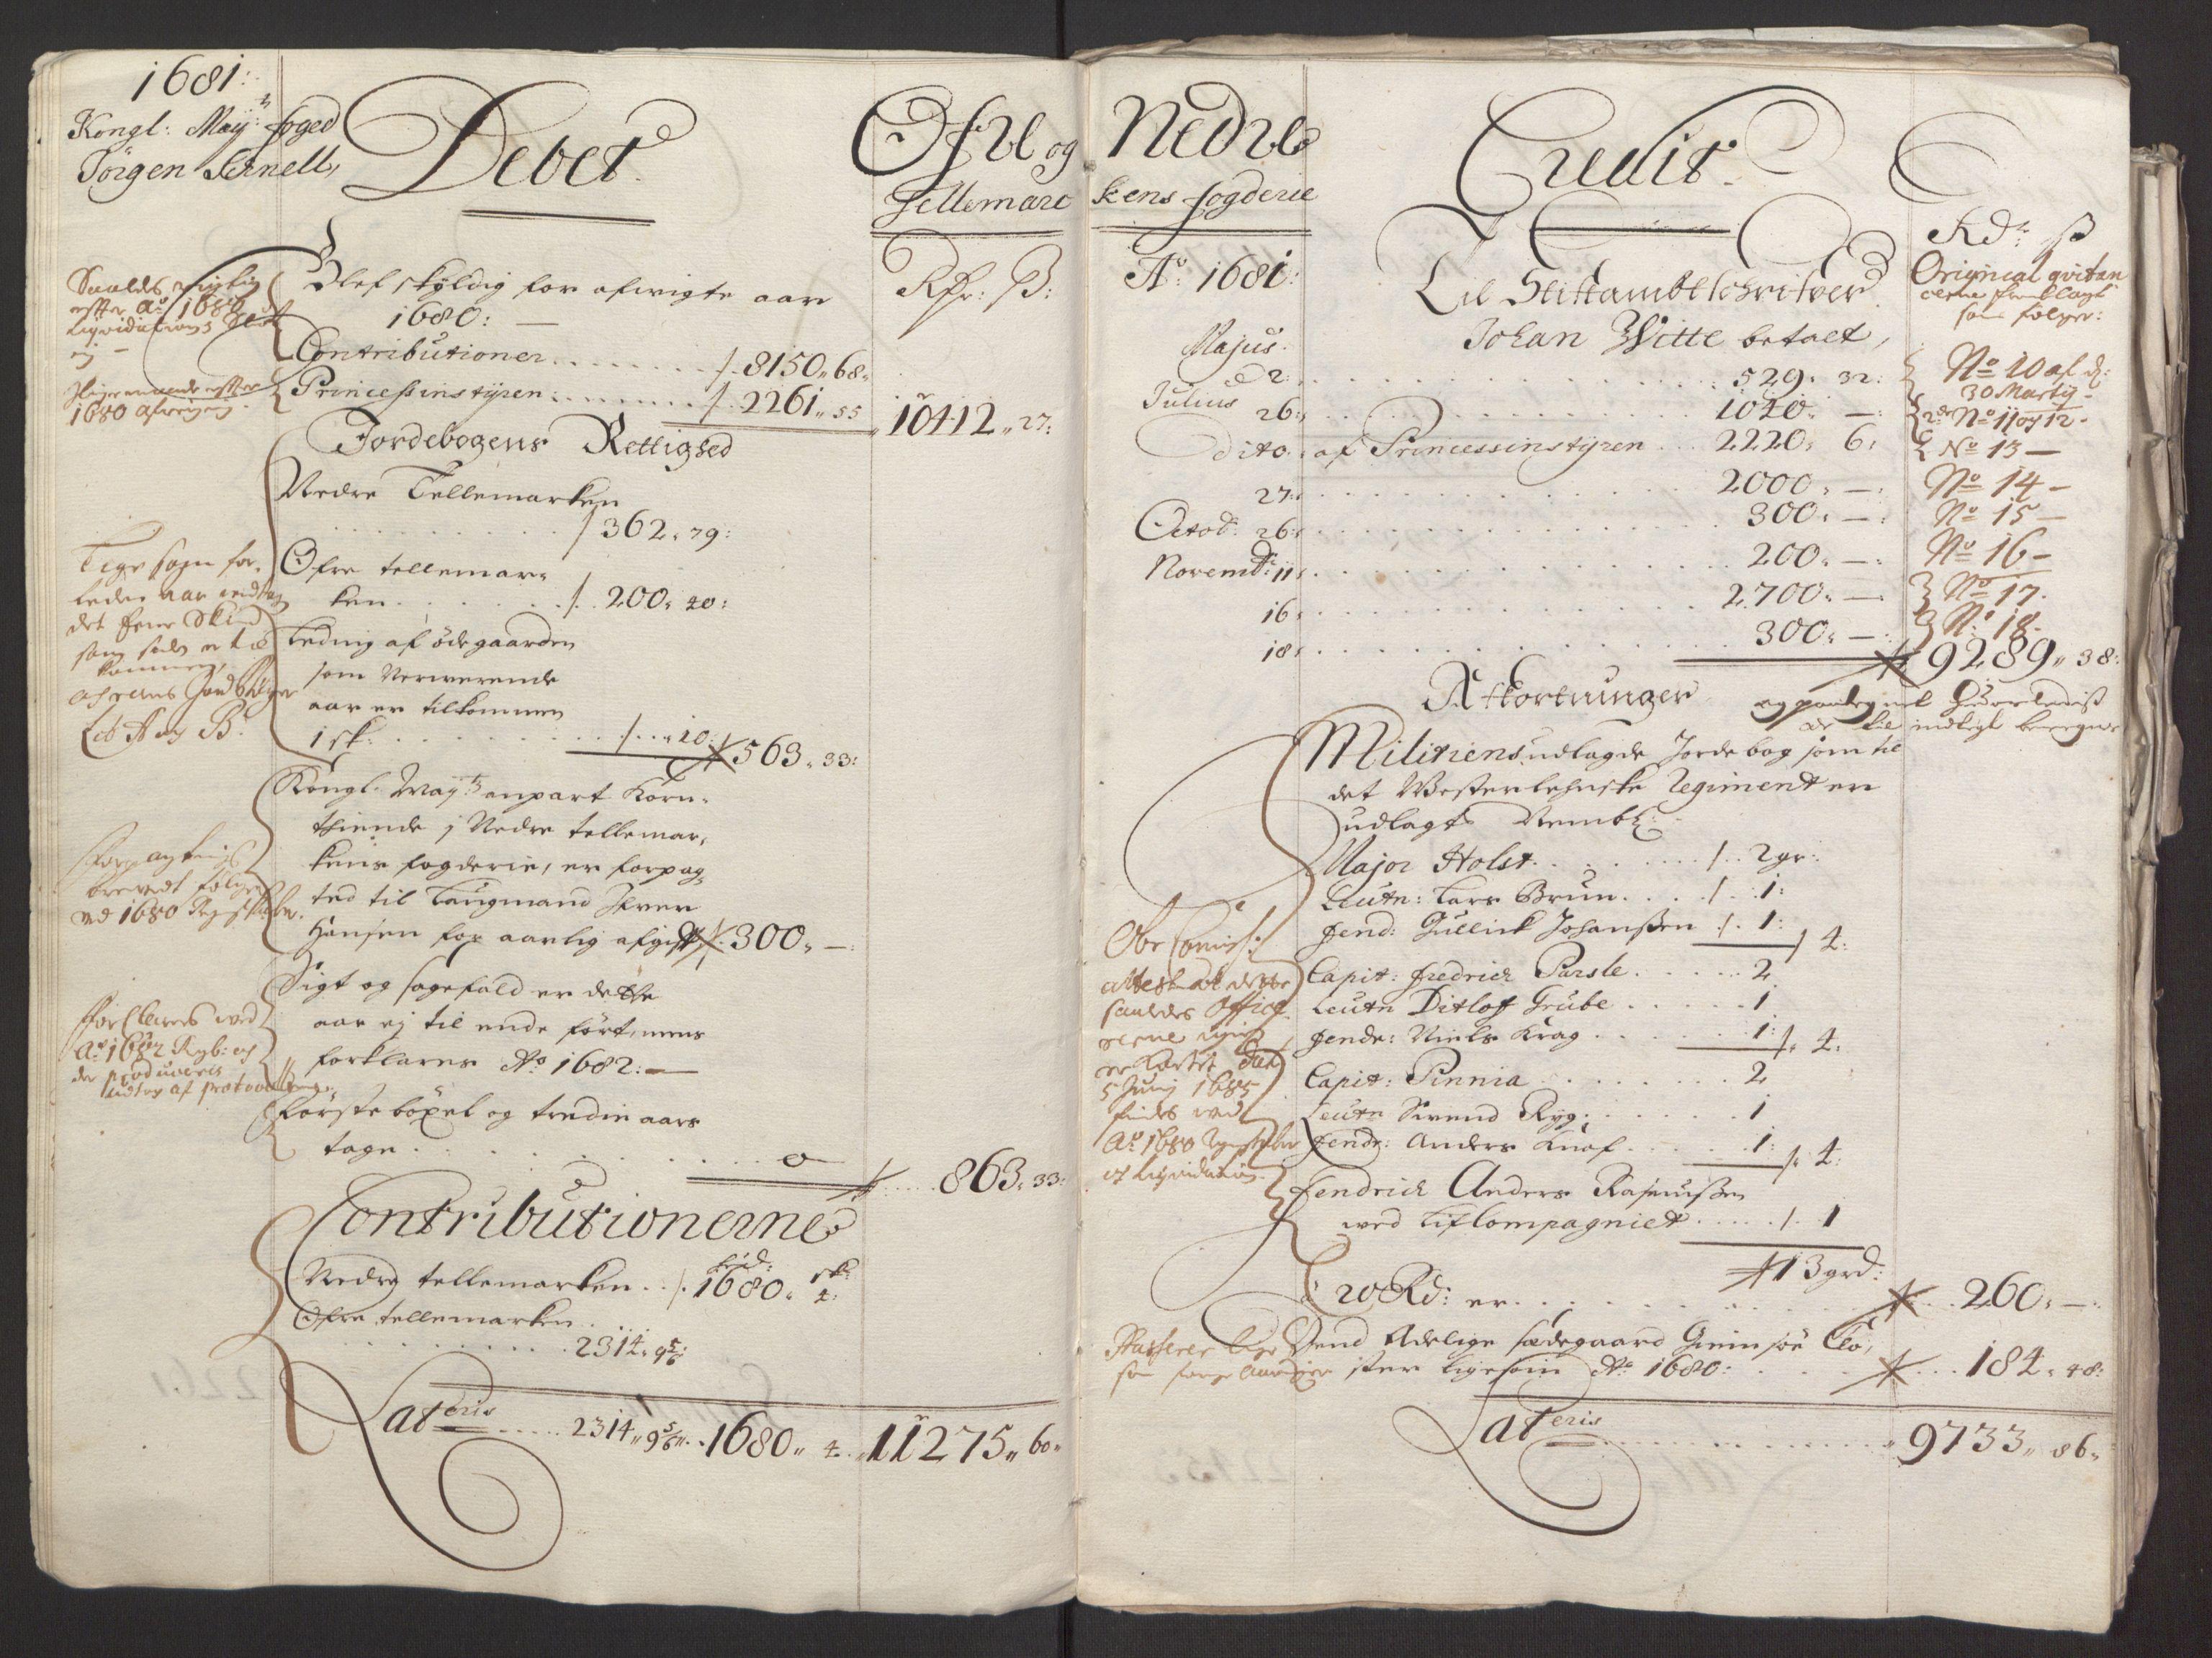 RA, Rentekammeret inntil 1814, Reviderte regnskaper, Fogderegnskap, R35/L2075: Fogderegnskap Øvre og Nedre Telemark, 1680-1684, s. 9